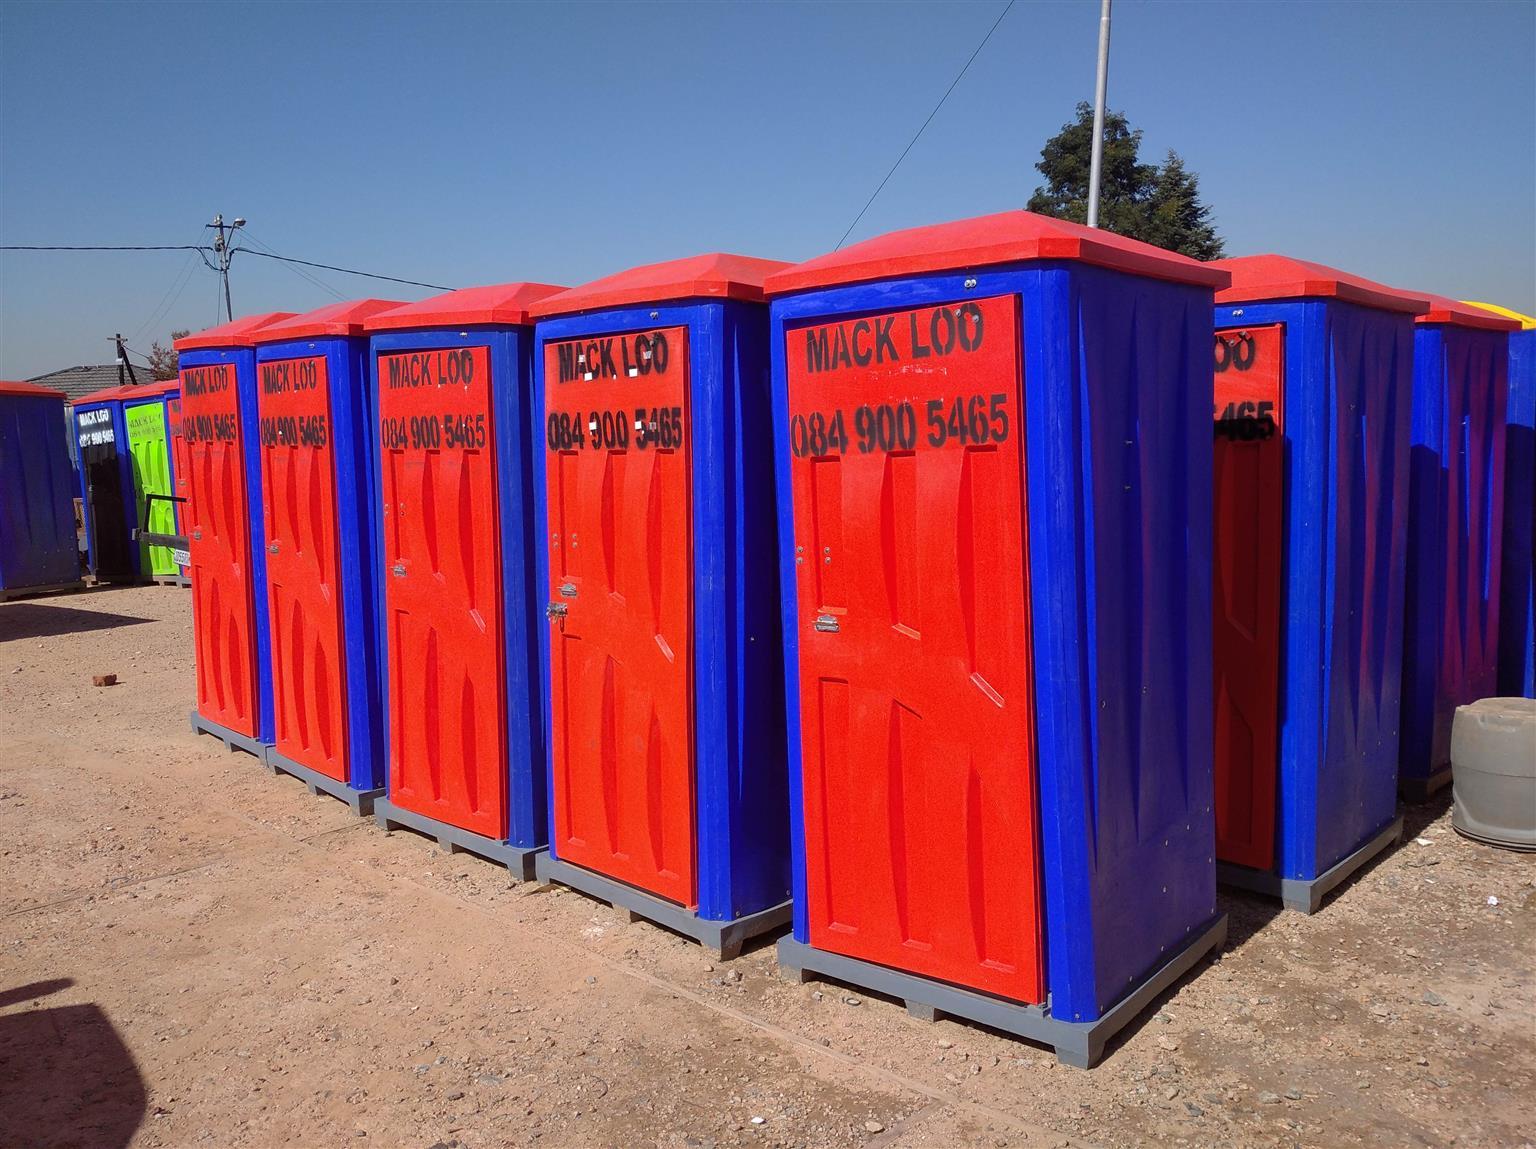 Mack Loo Toilet Hire + Sales - Best Prices